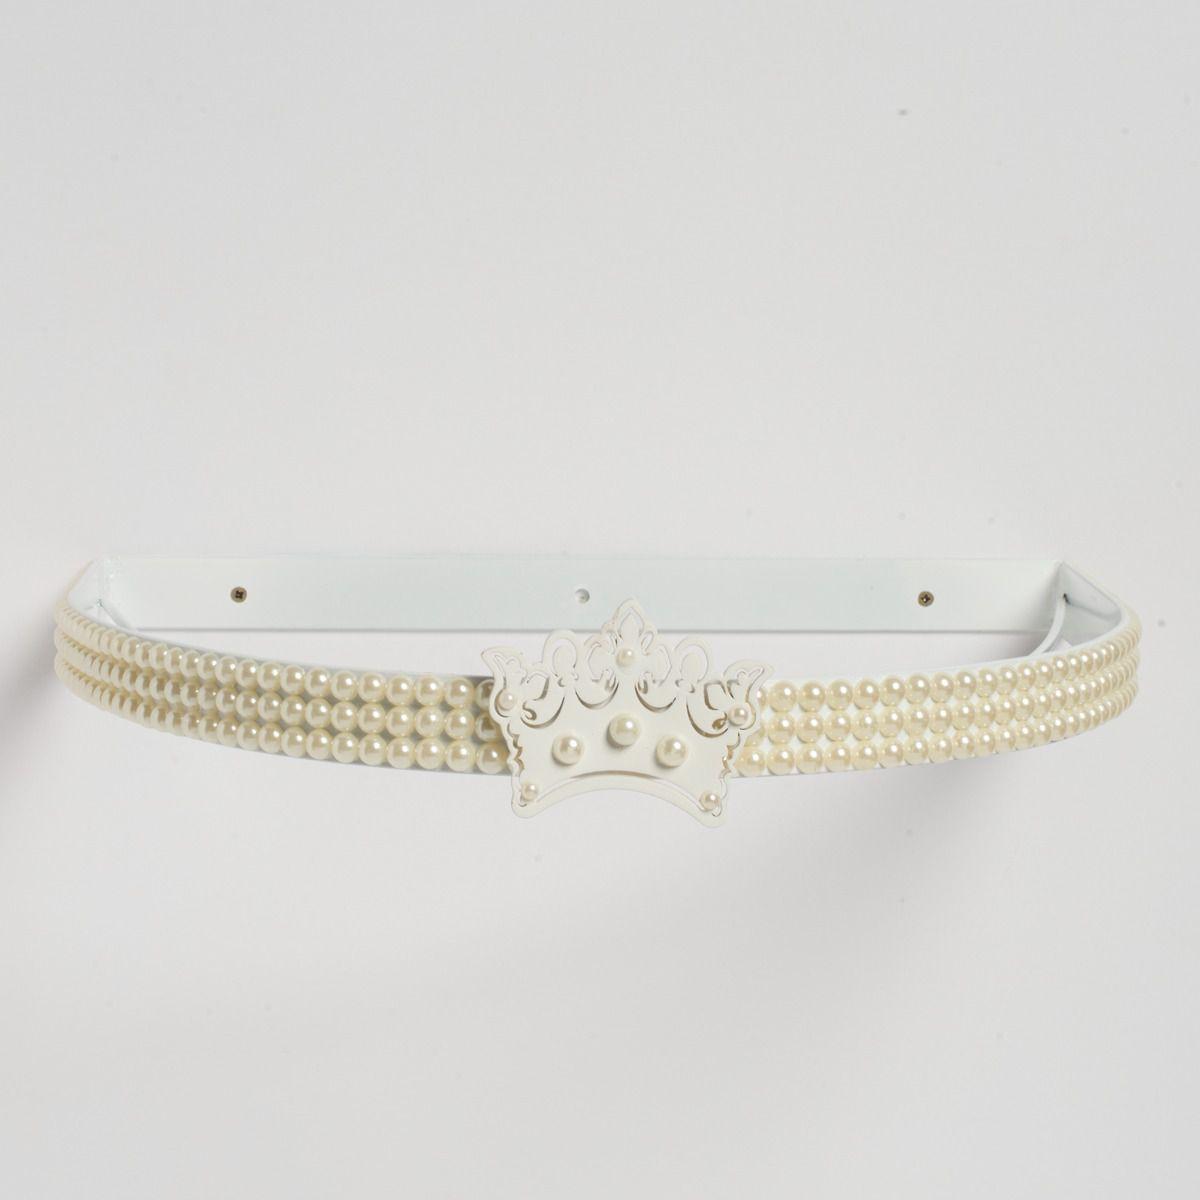 Dossel Coroa Pérola Branca com Mosquiteiro de Voil Branco